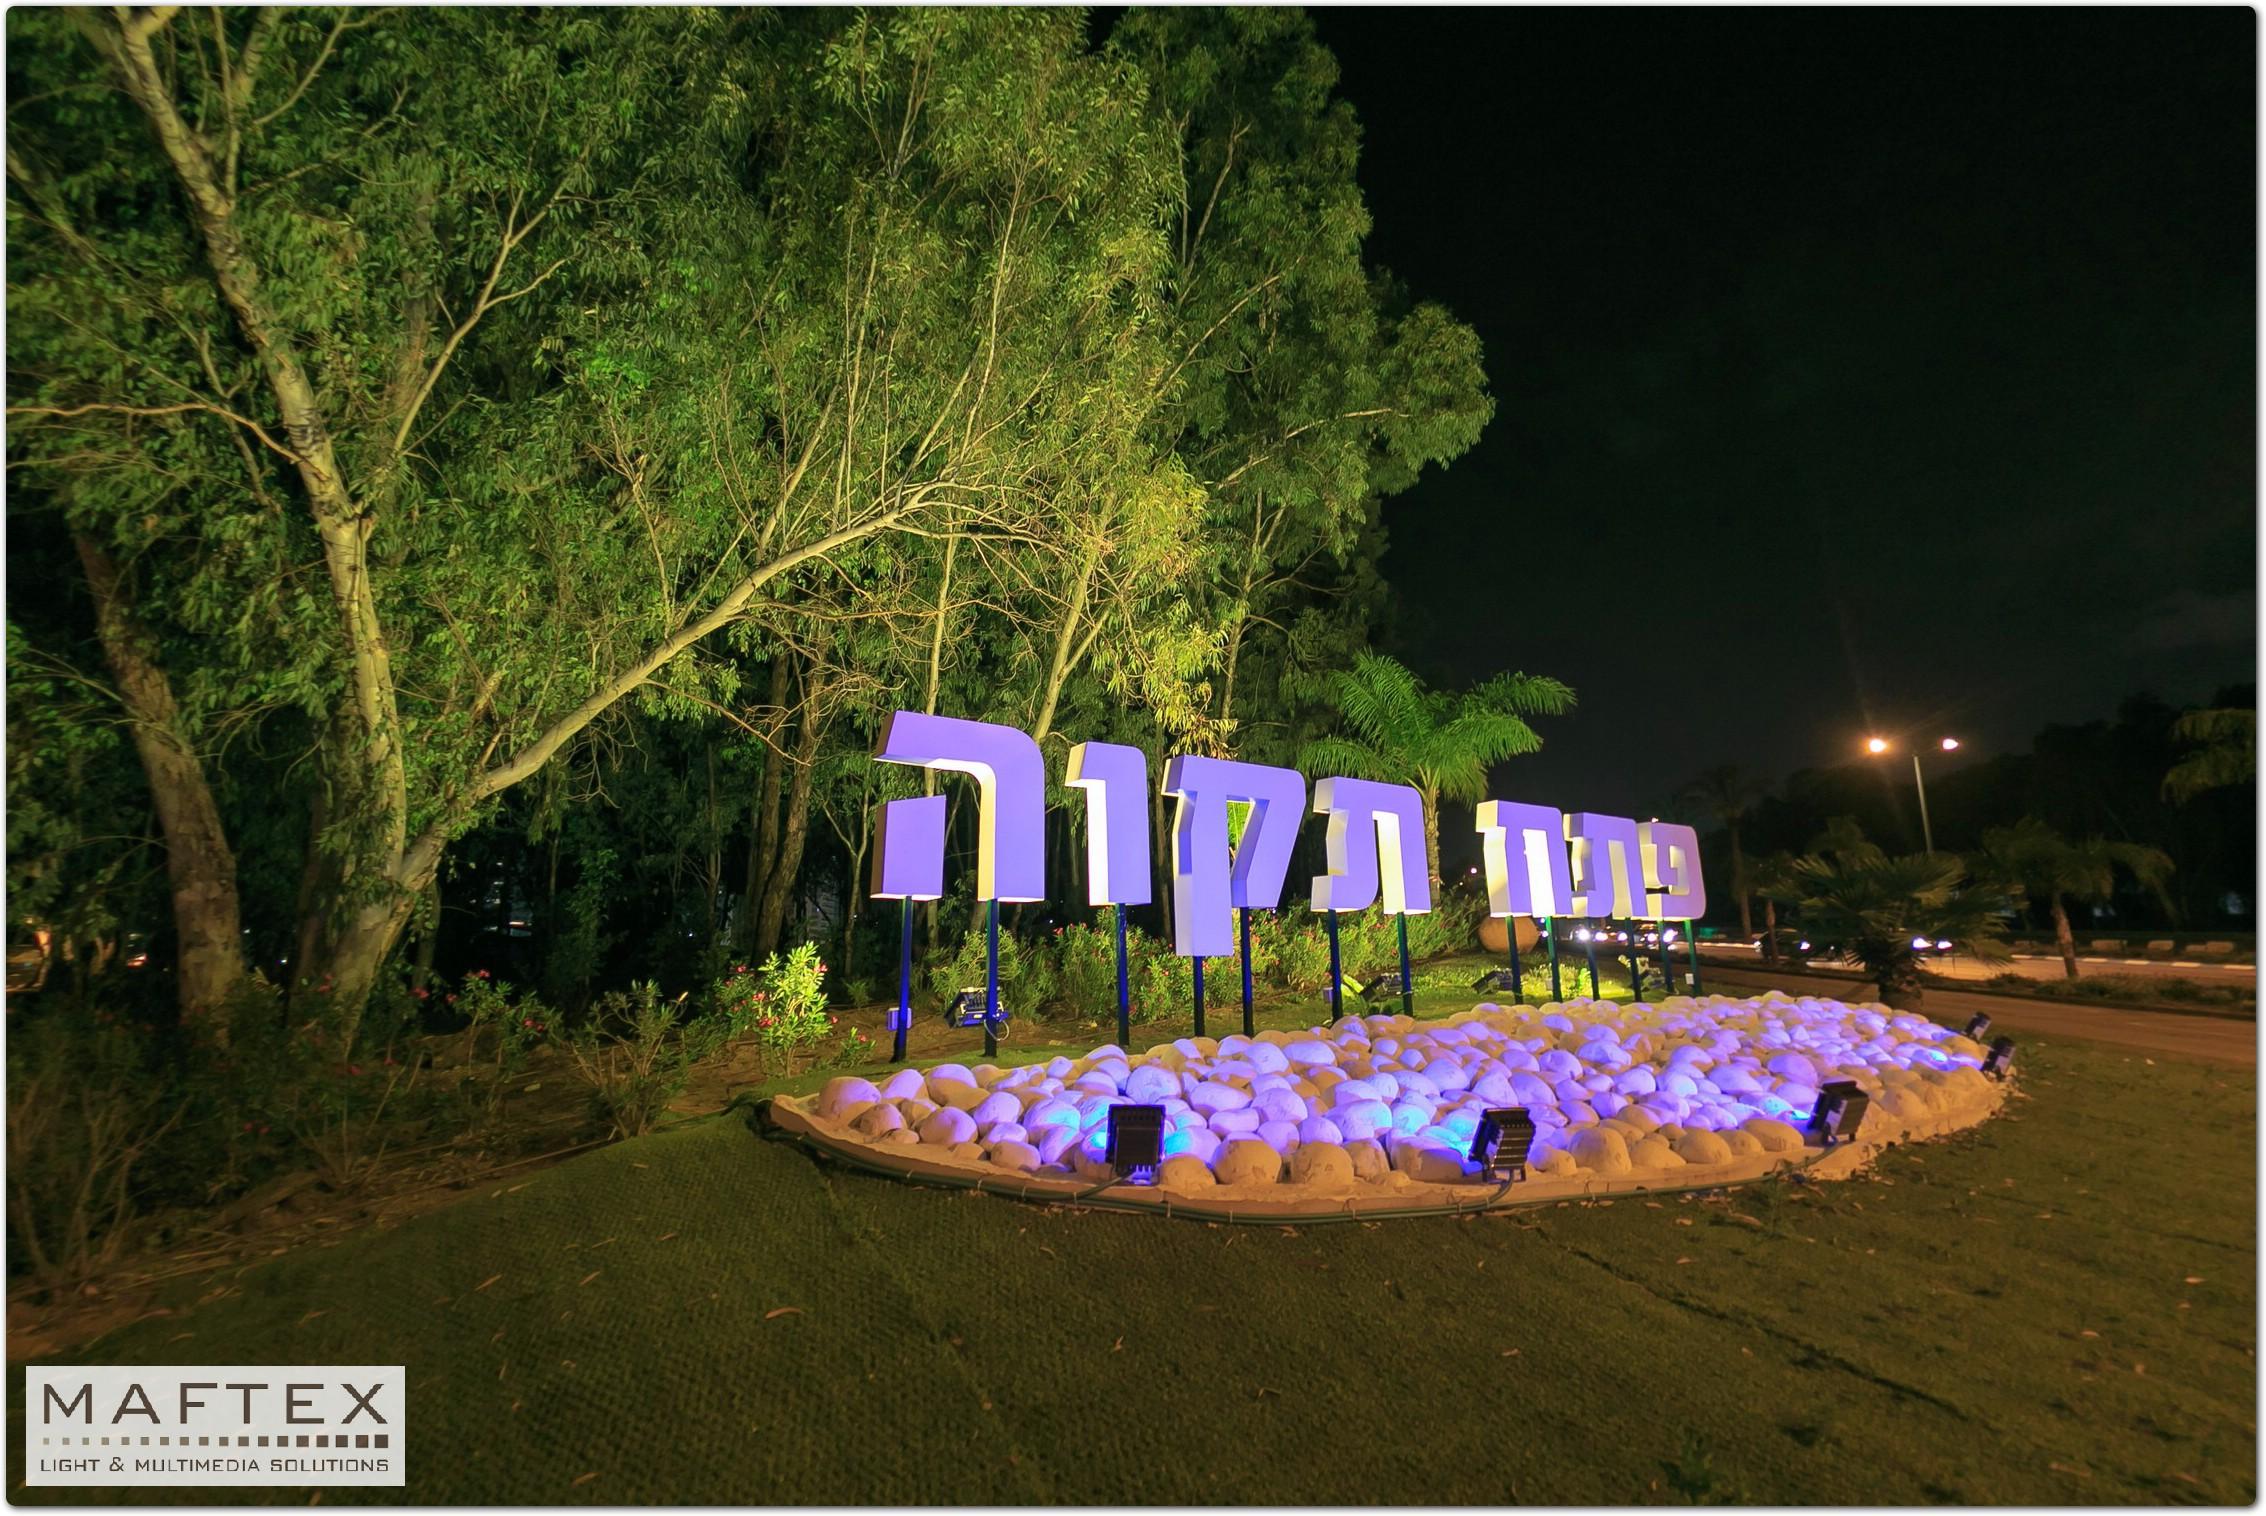 קישוטי תאורה לשלט כניסה לעיר